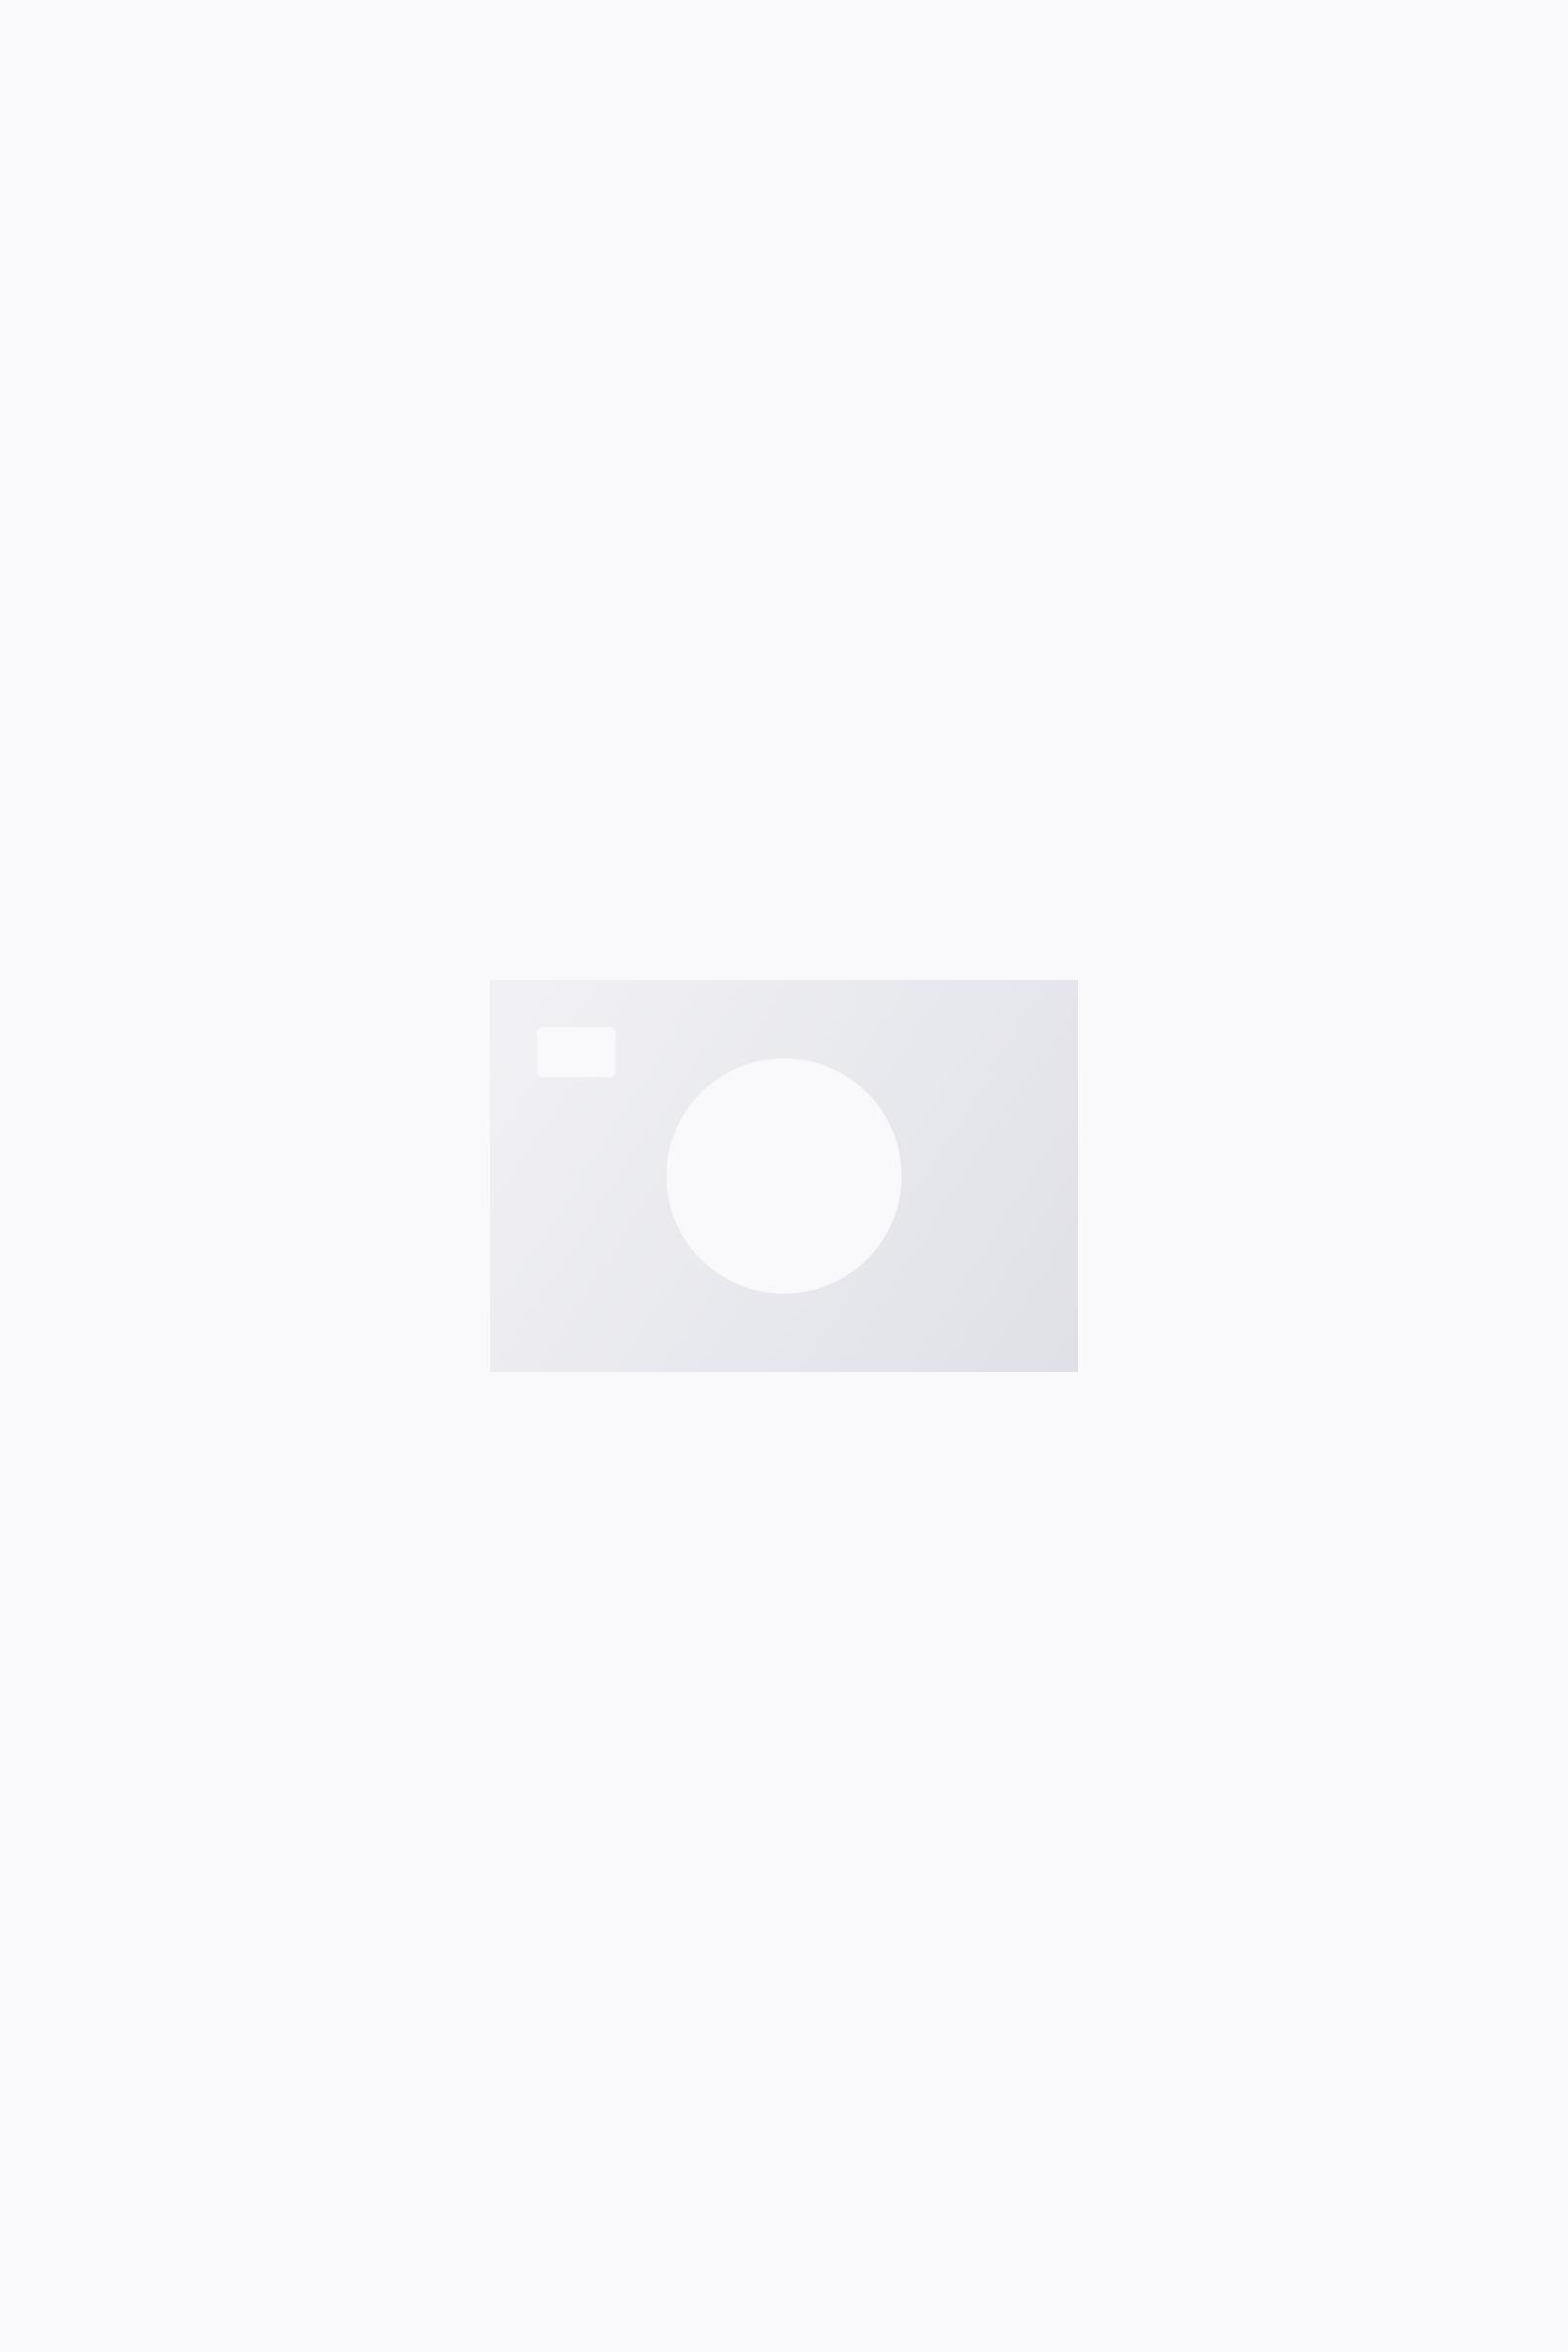 코스 린넨 셔츠 - 화이트 COS LINEN SHIRT,white